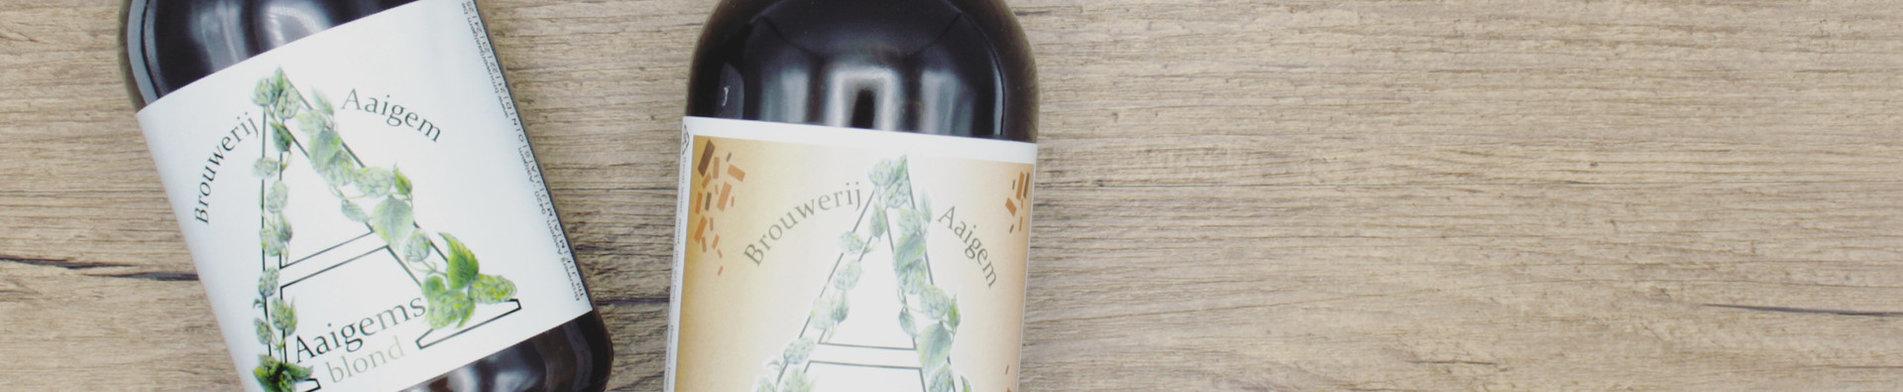 Brouwerij-Aaigem